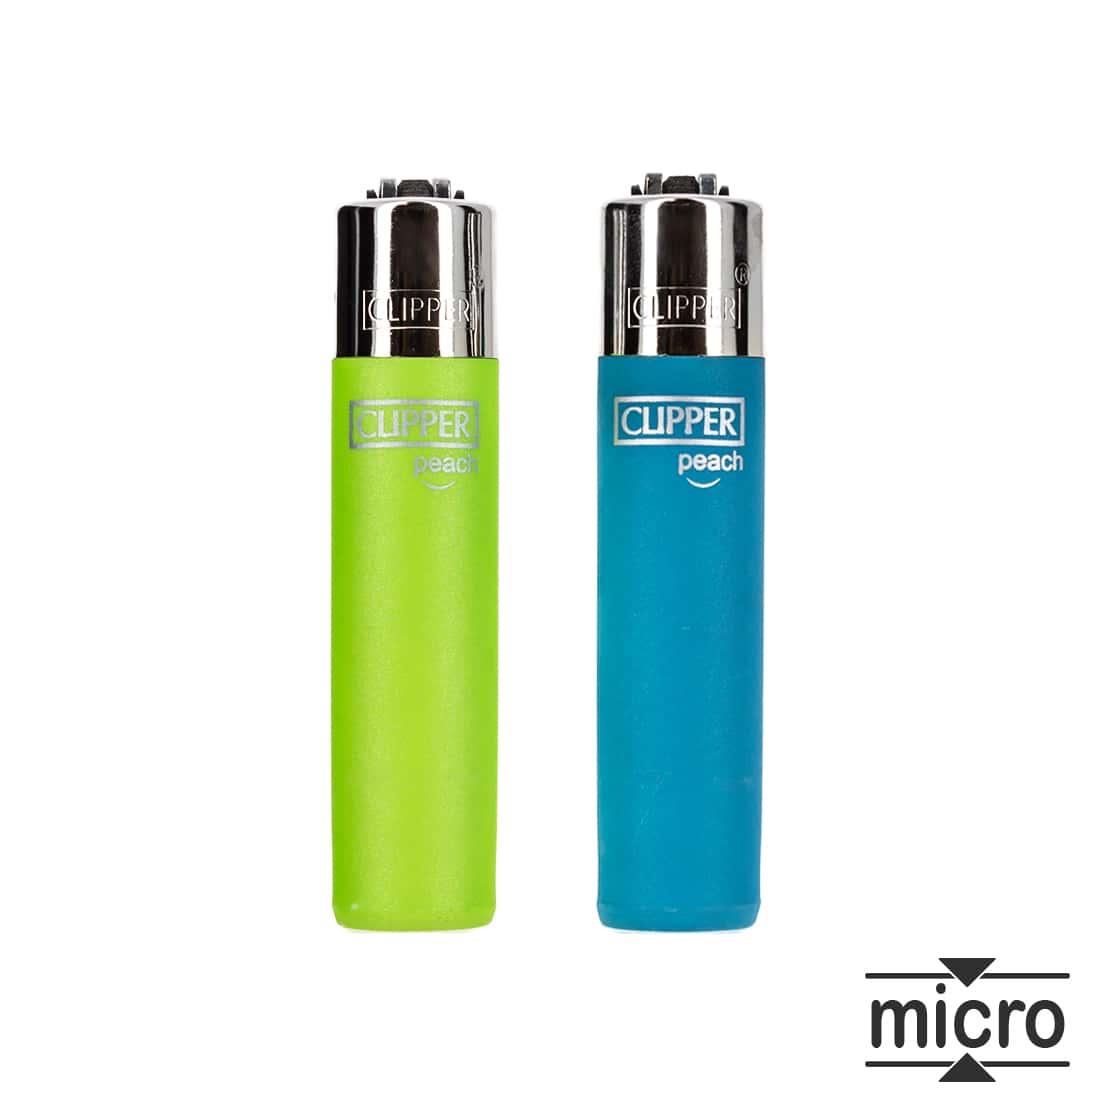 Photo de 2 briquets à pierre Micro Clipper Peach Bleu et Vert